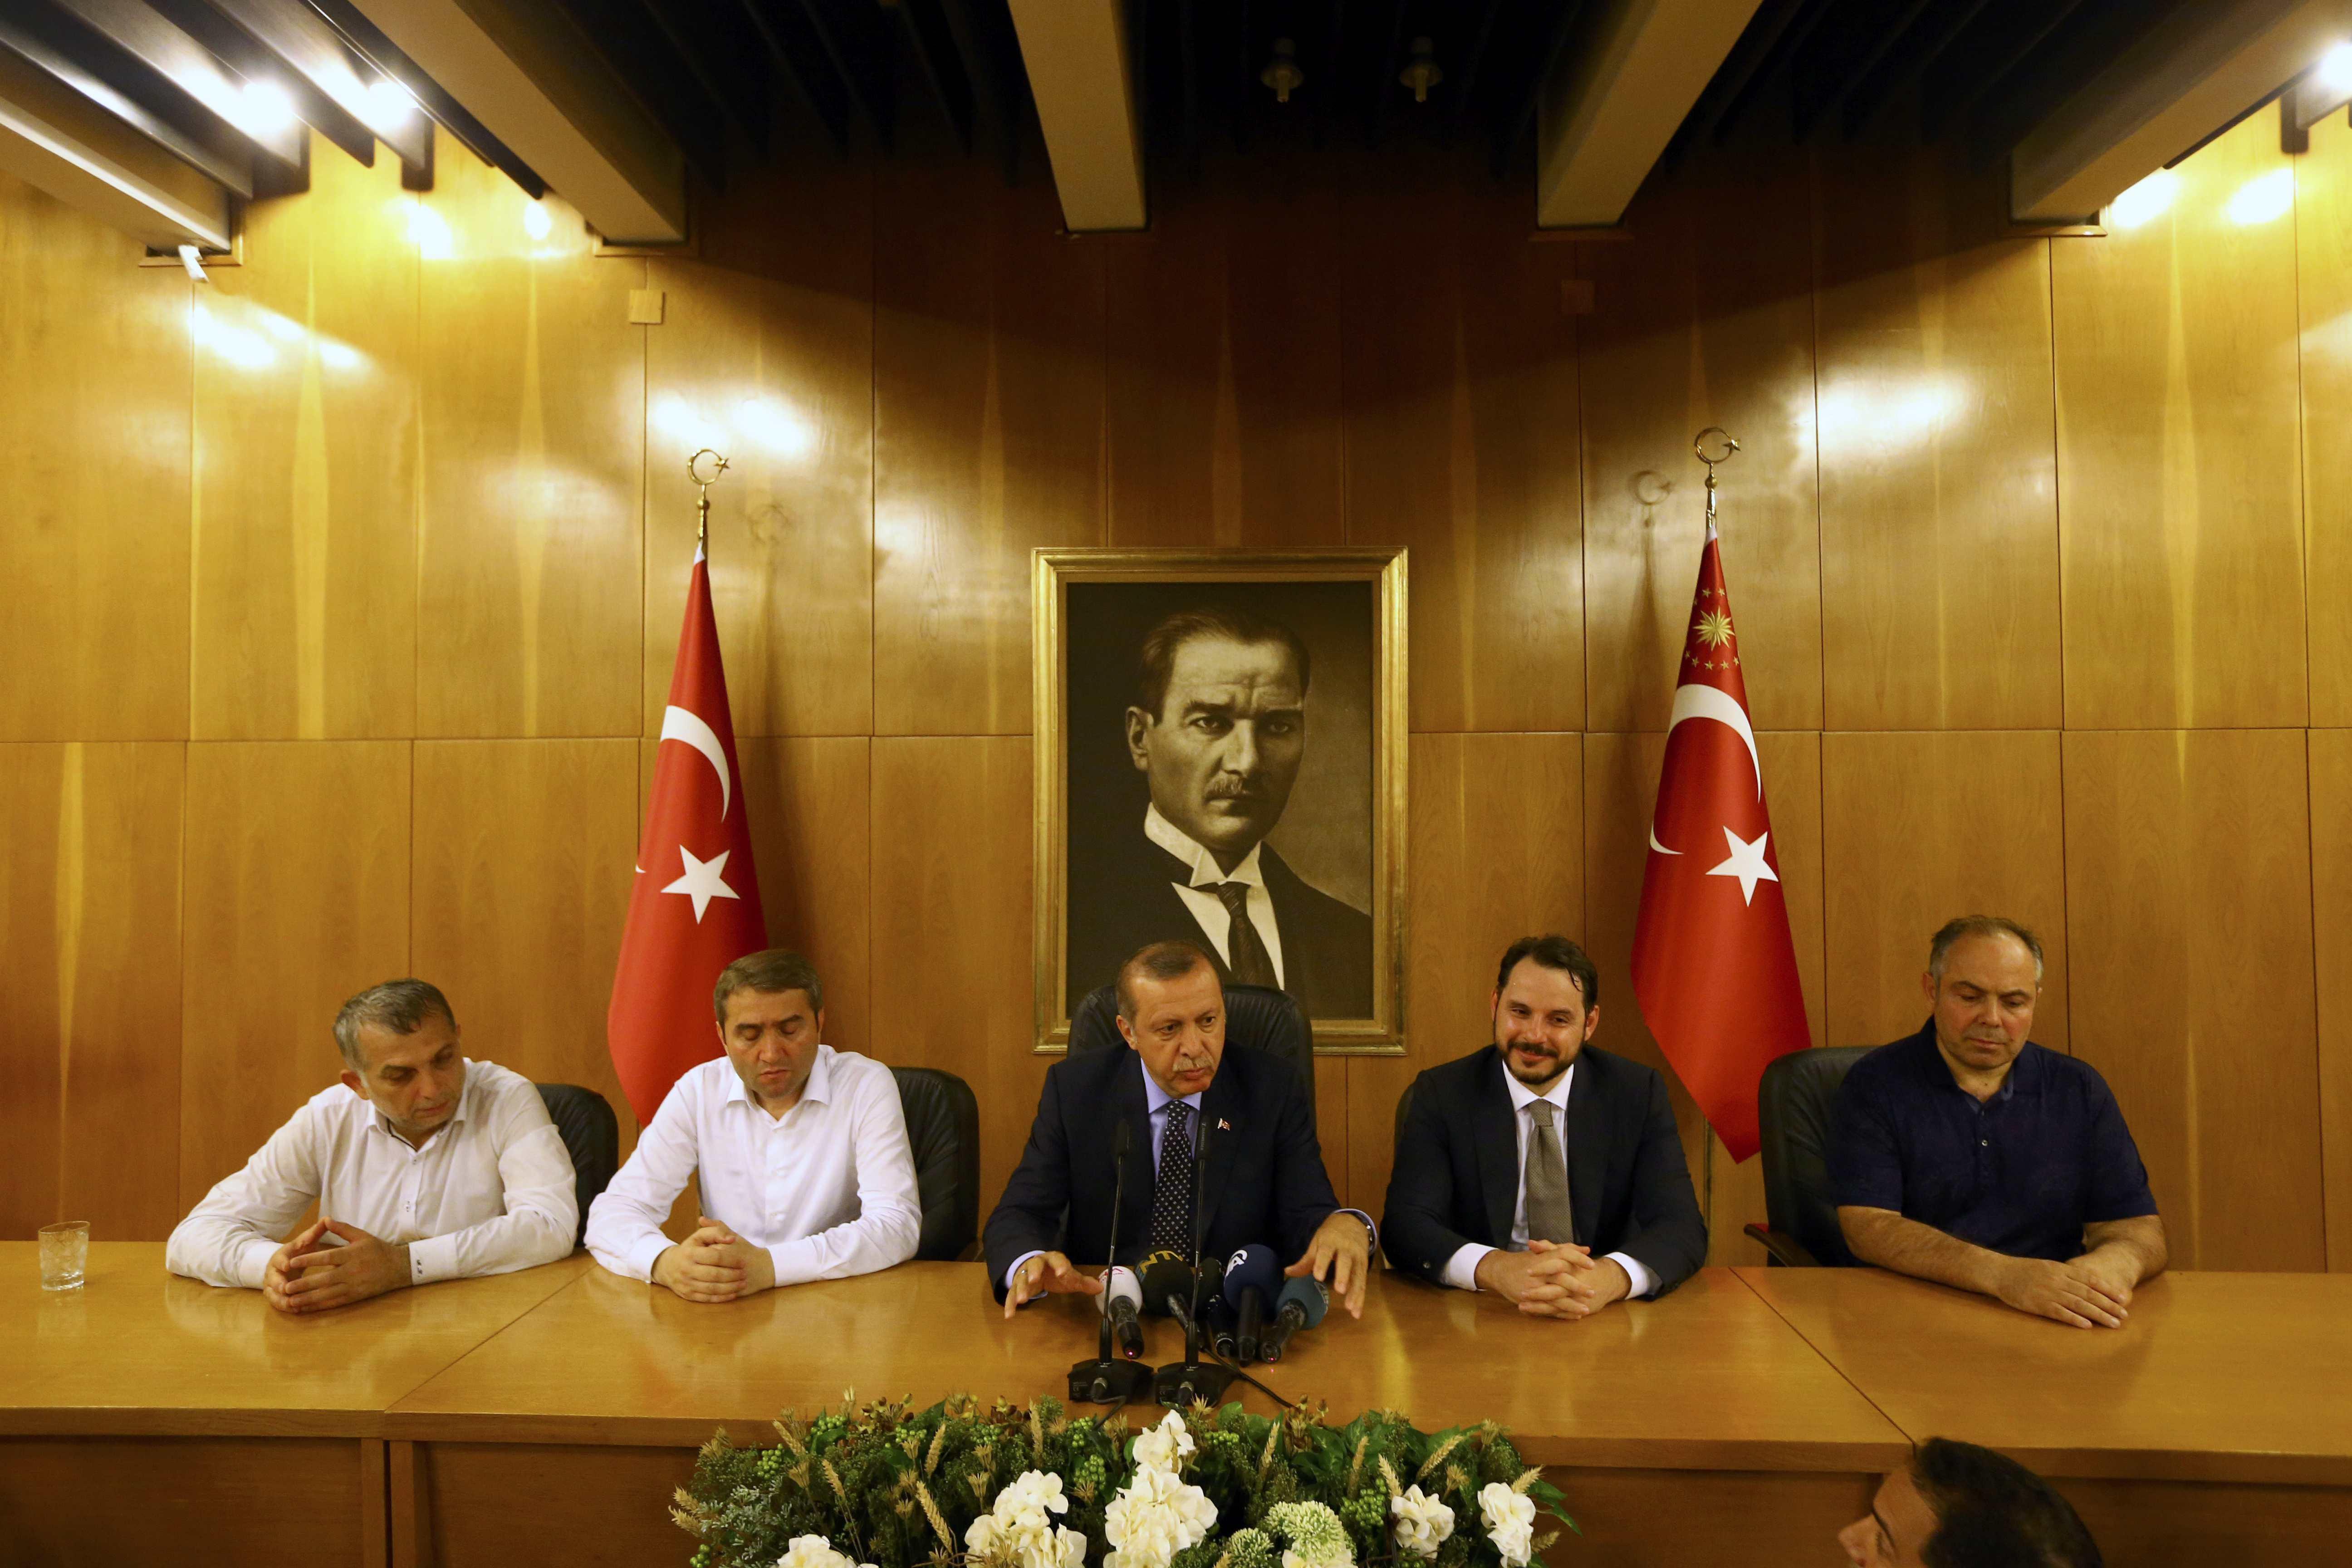 Cumhurbaşkanı Erdoğan: Bedelini çok ağır ödeyecekler